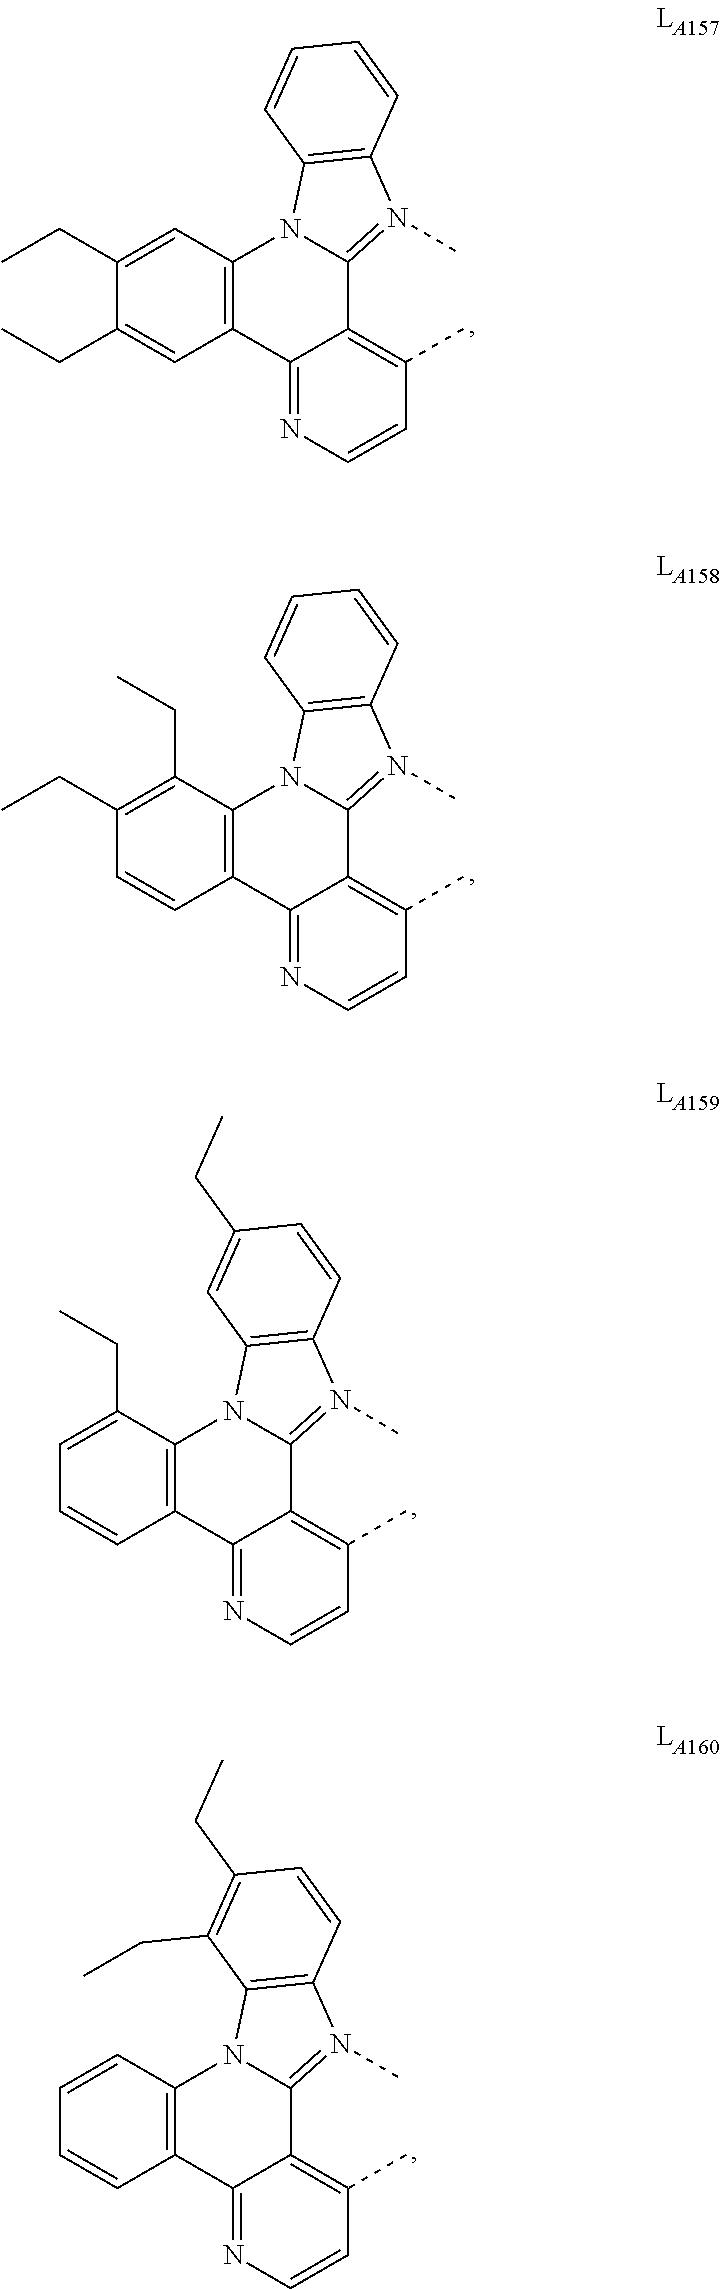 Figure US09905785-20180227-C00061